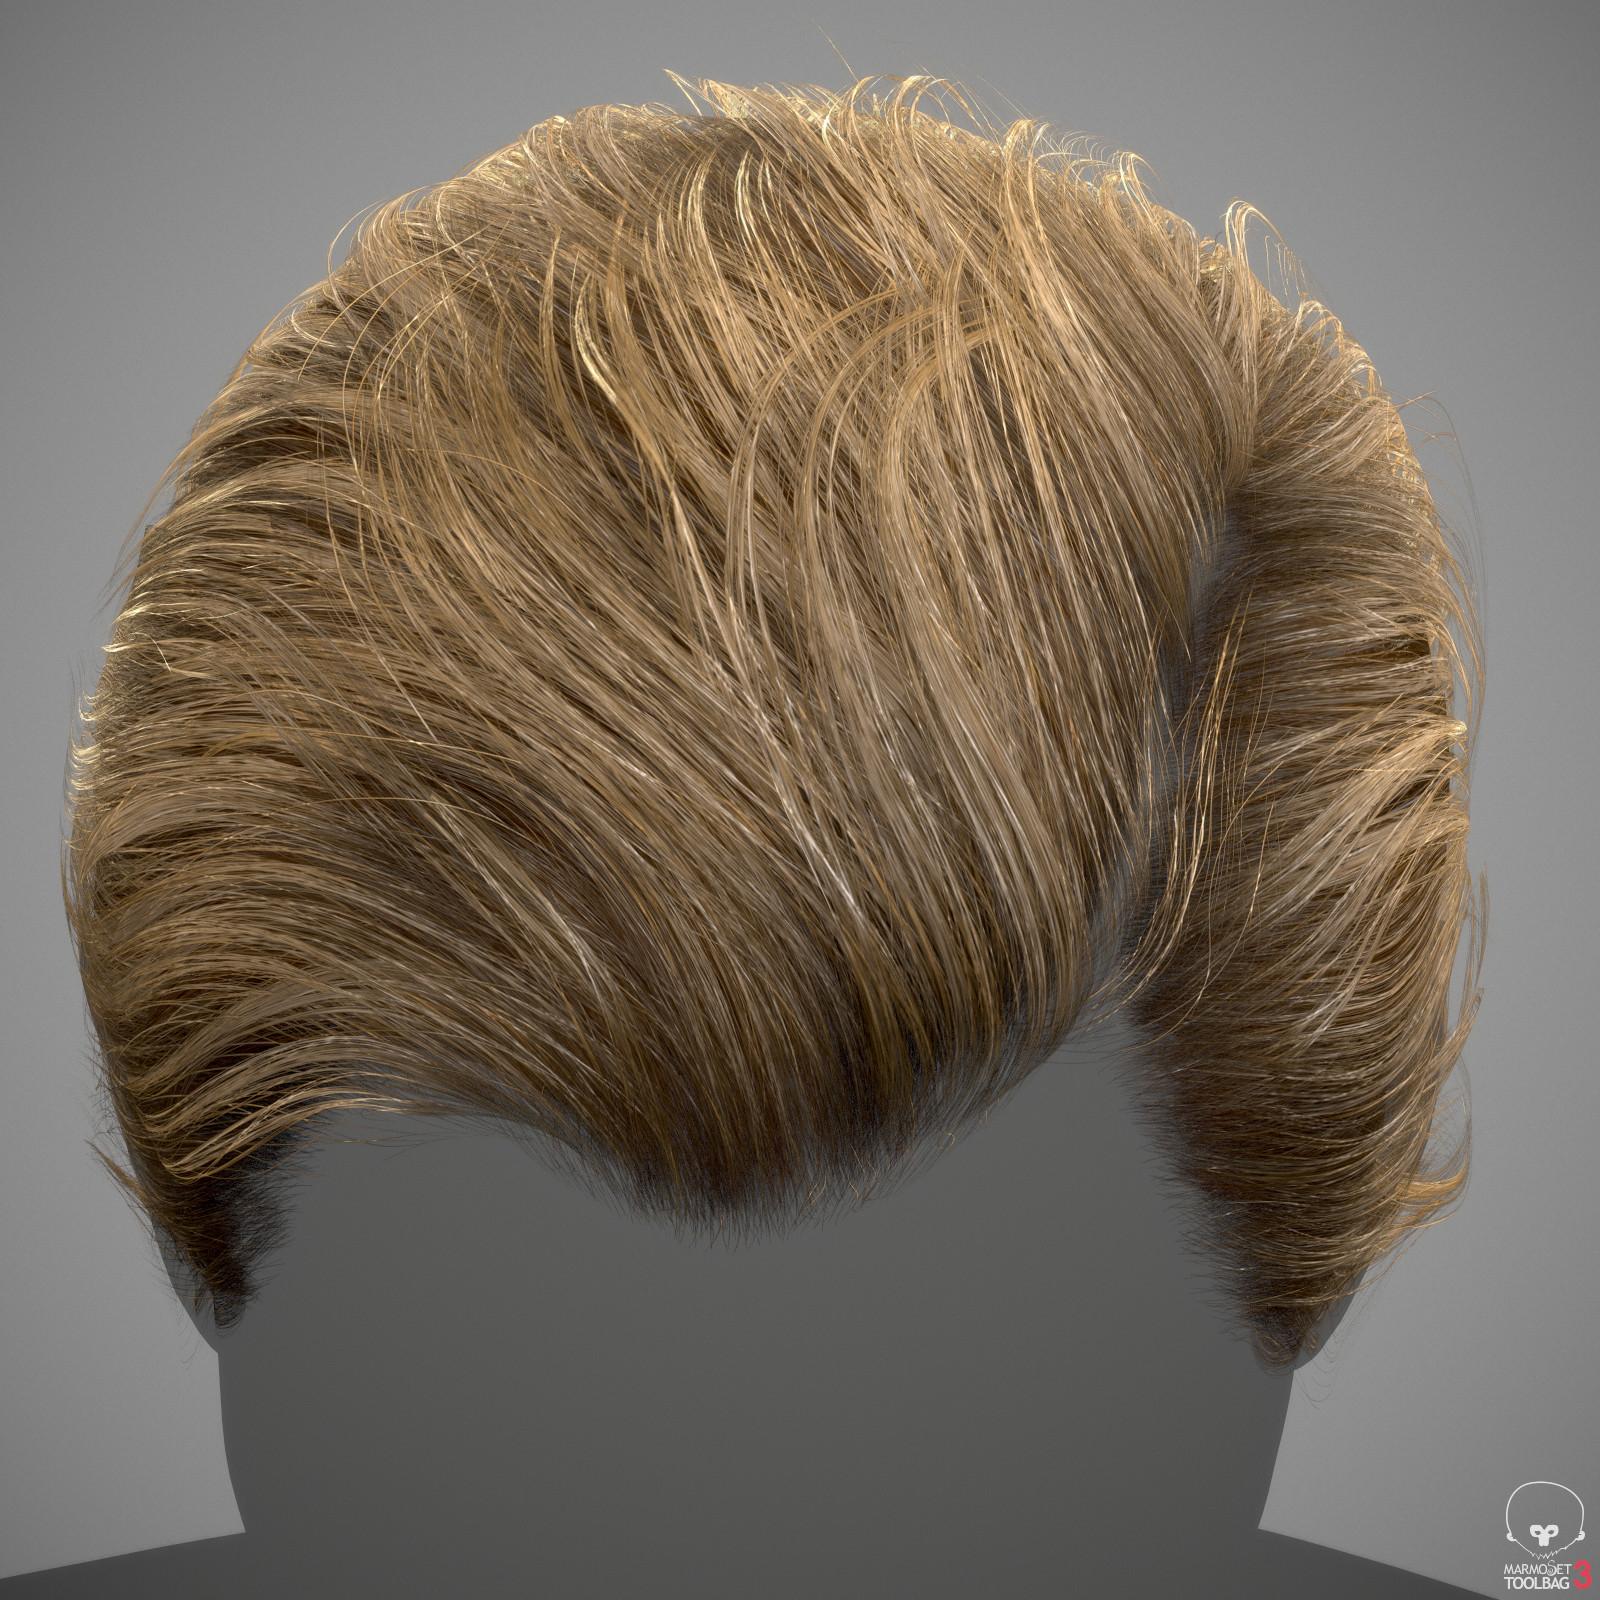 artstation realtime hair example adam skutt